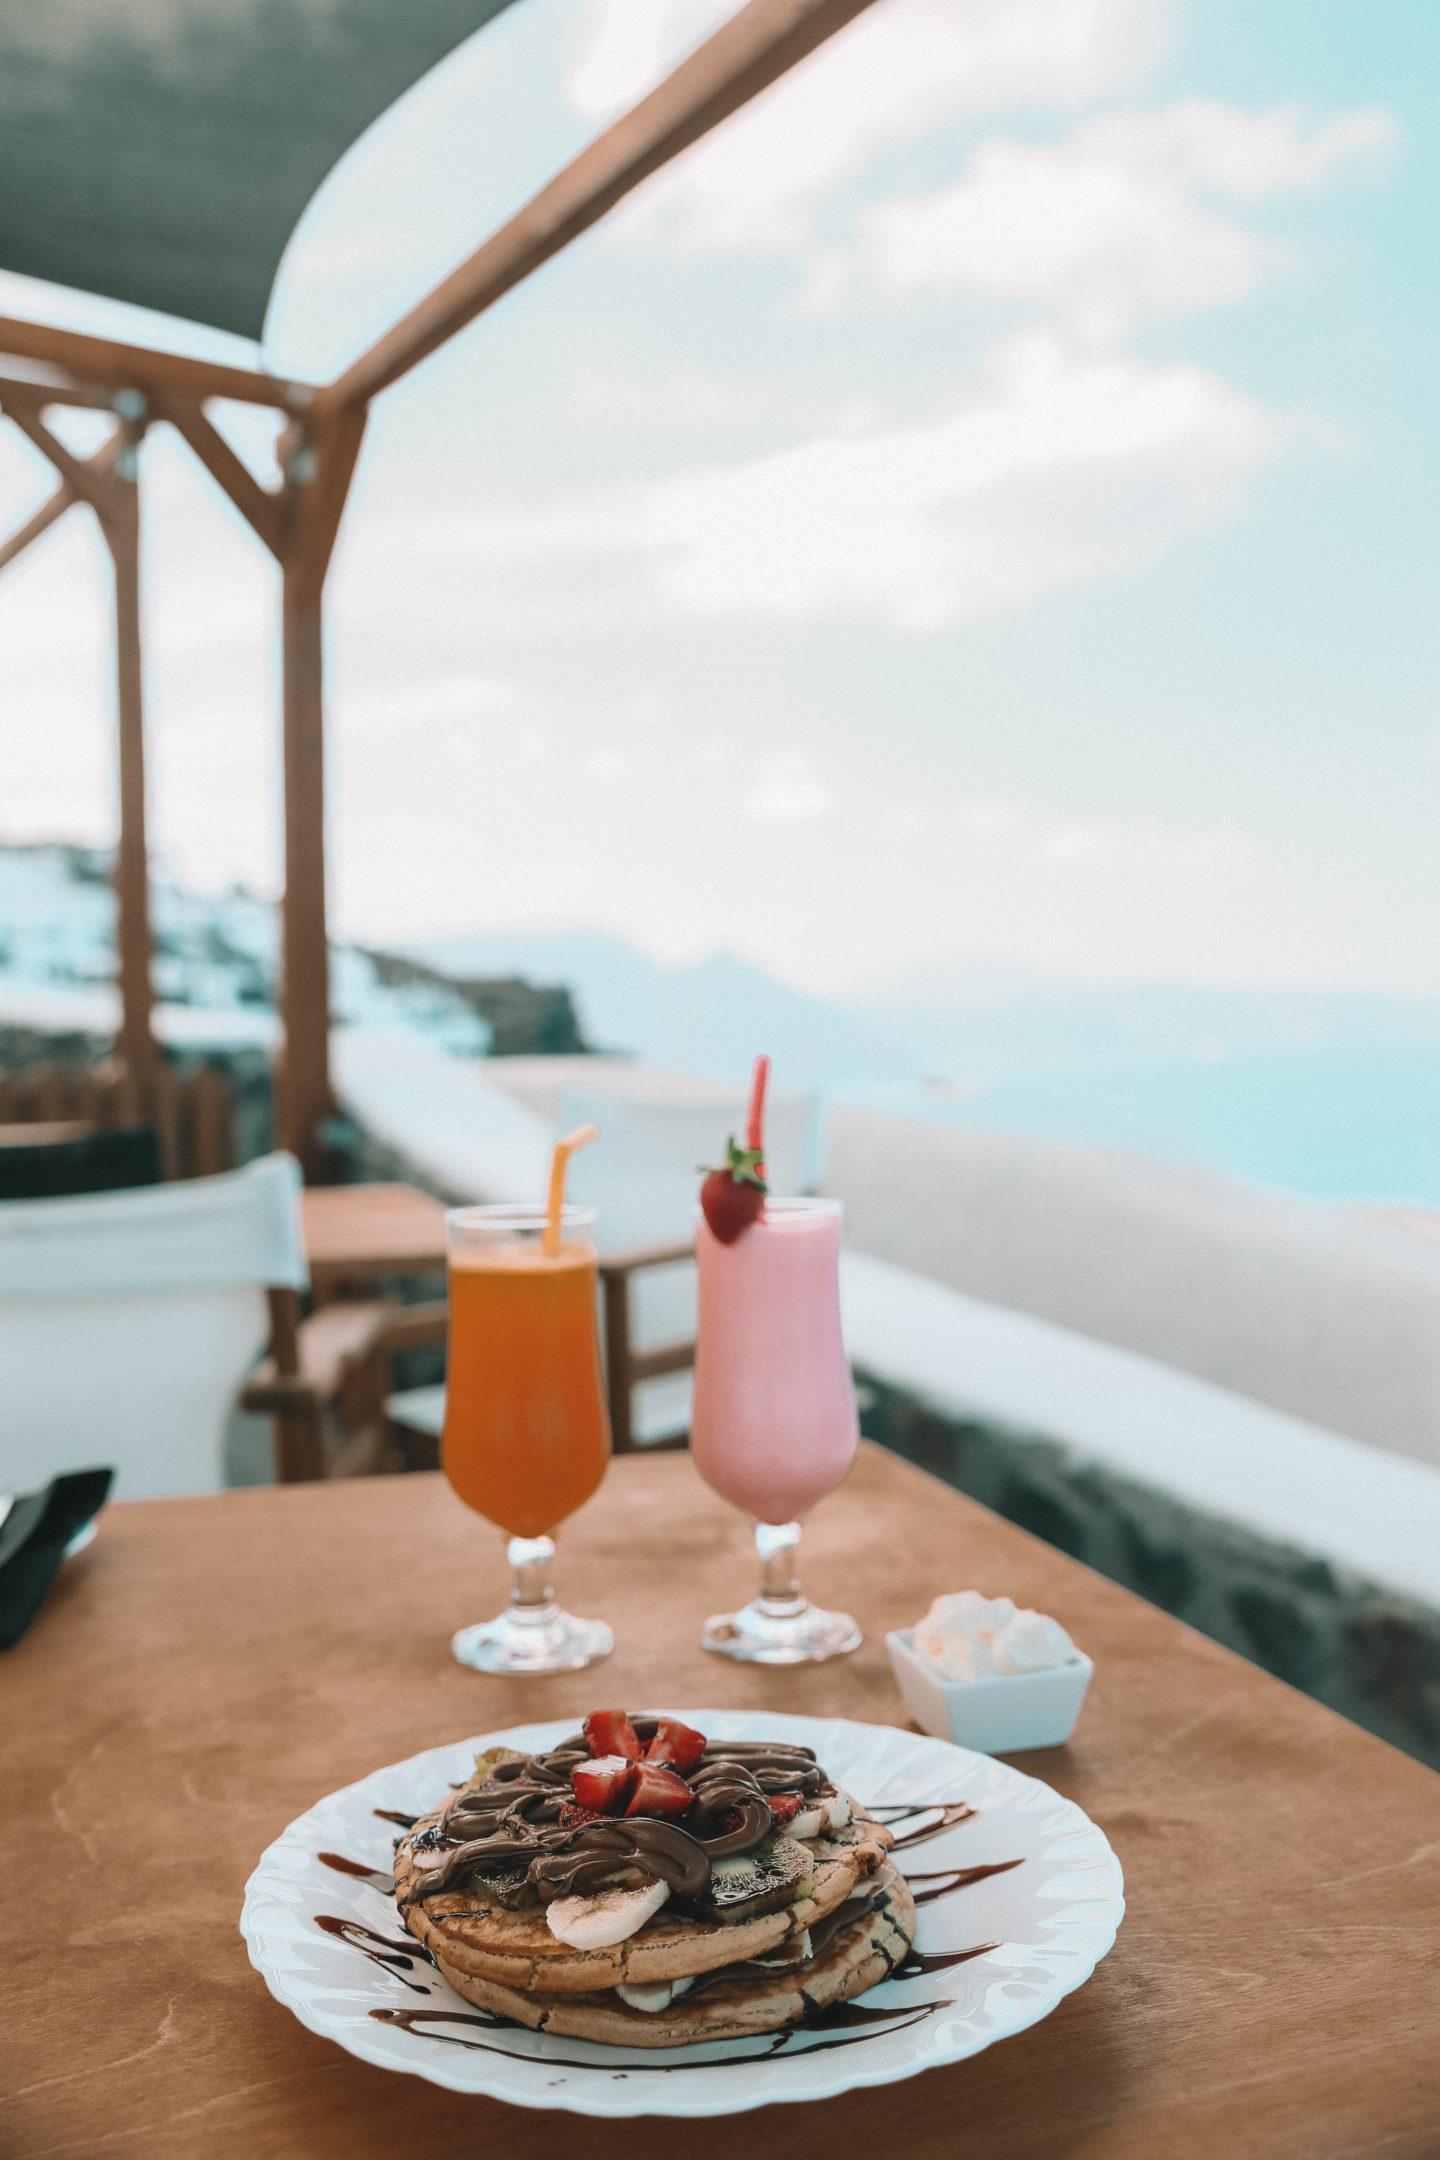 Café Mes Amis Santorin - Blondie Baby blog mode et voyages